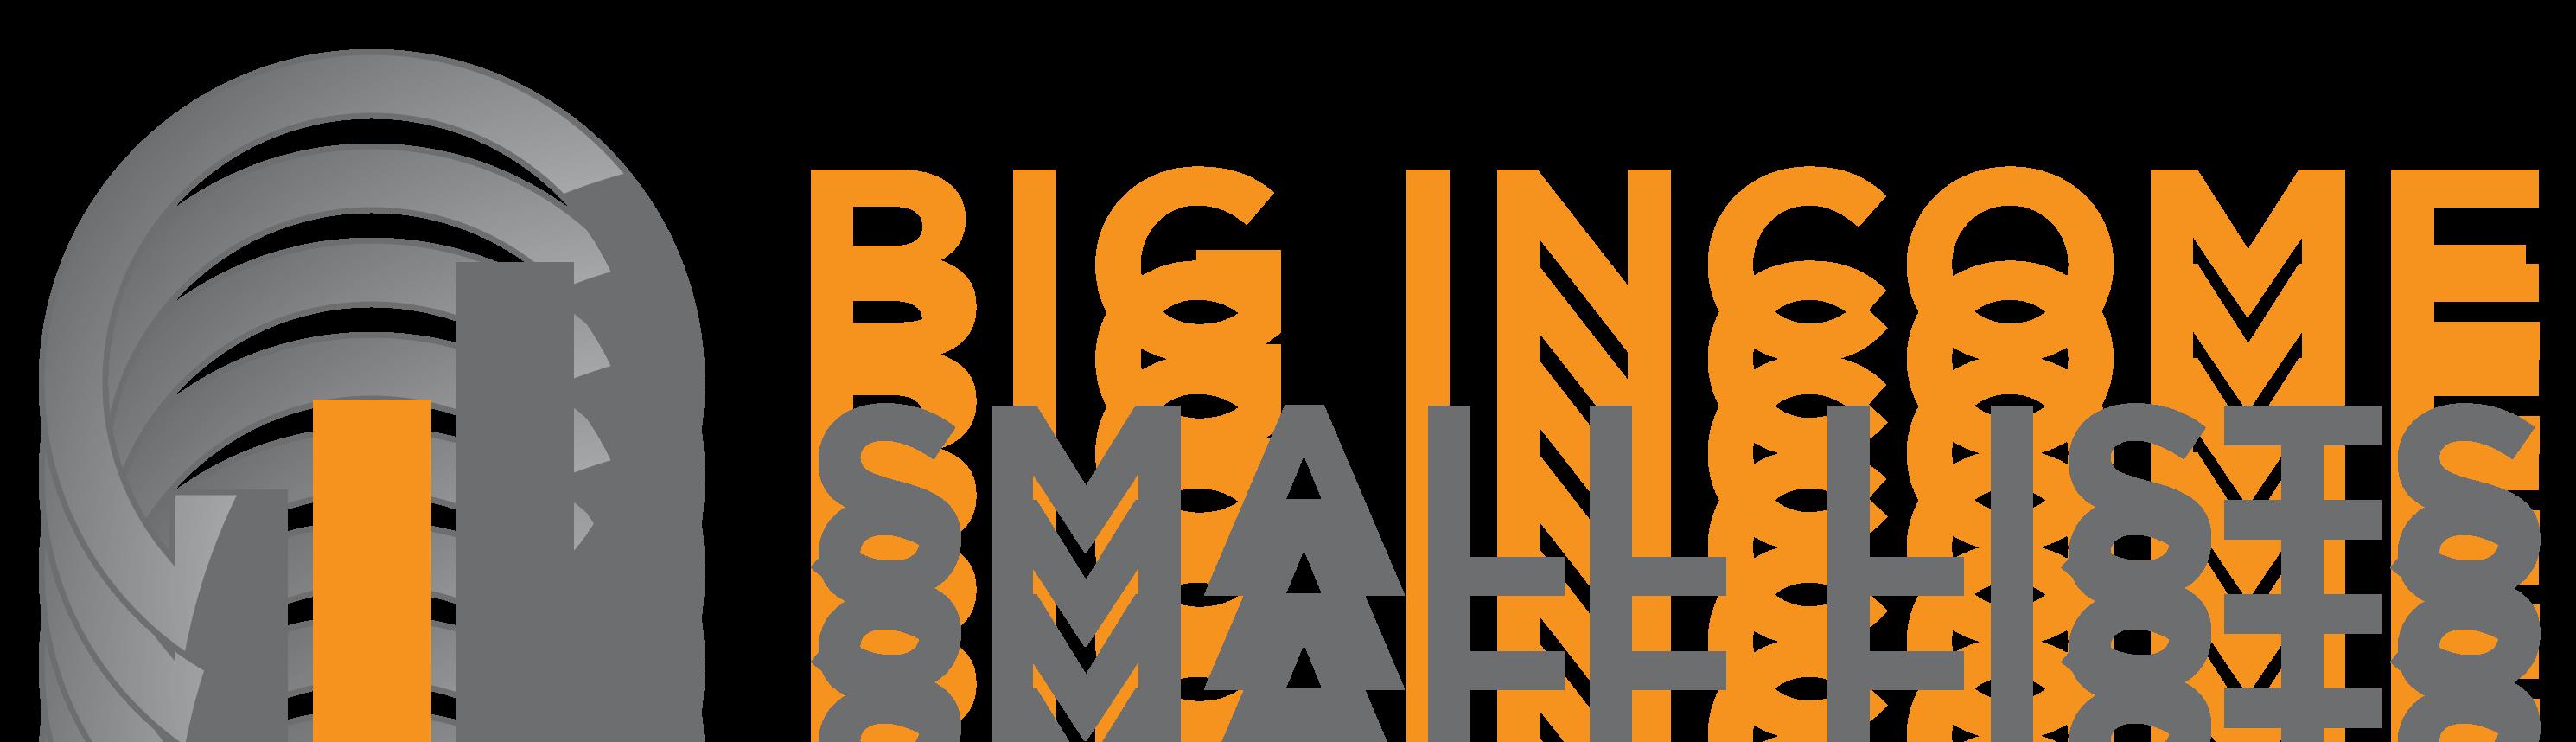 Big Income Small Lists